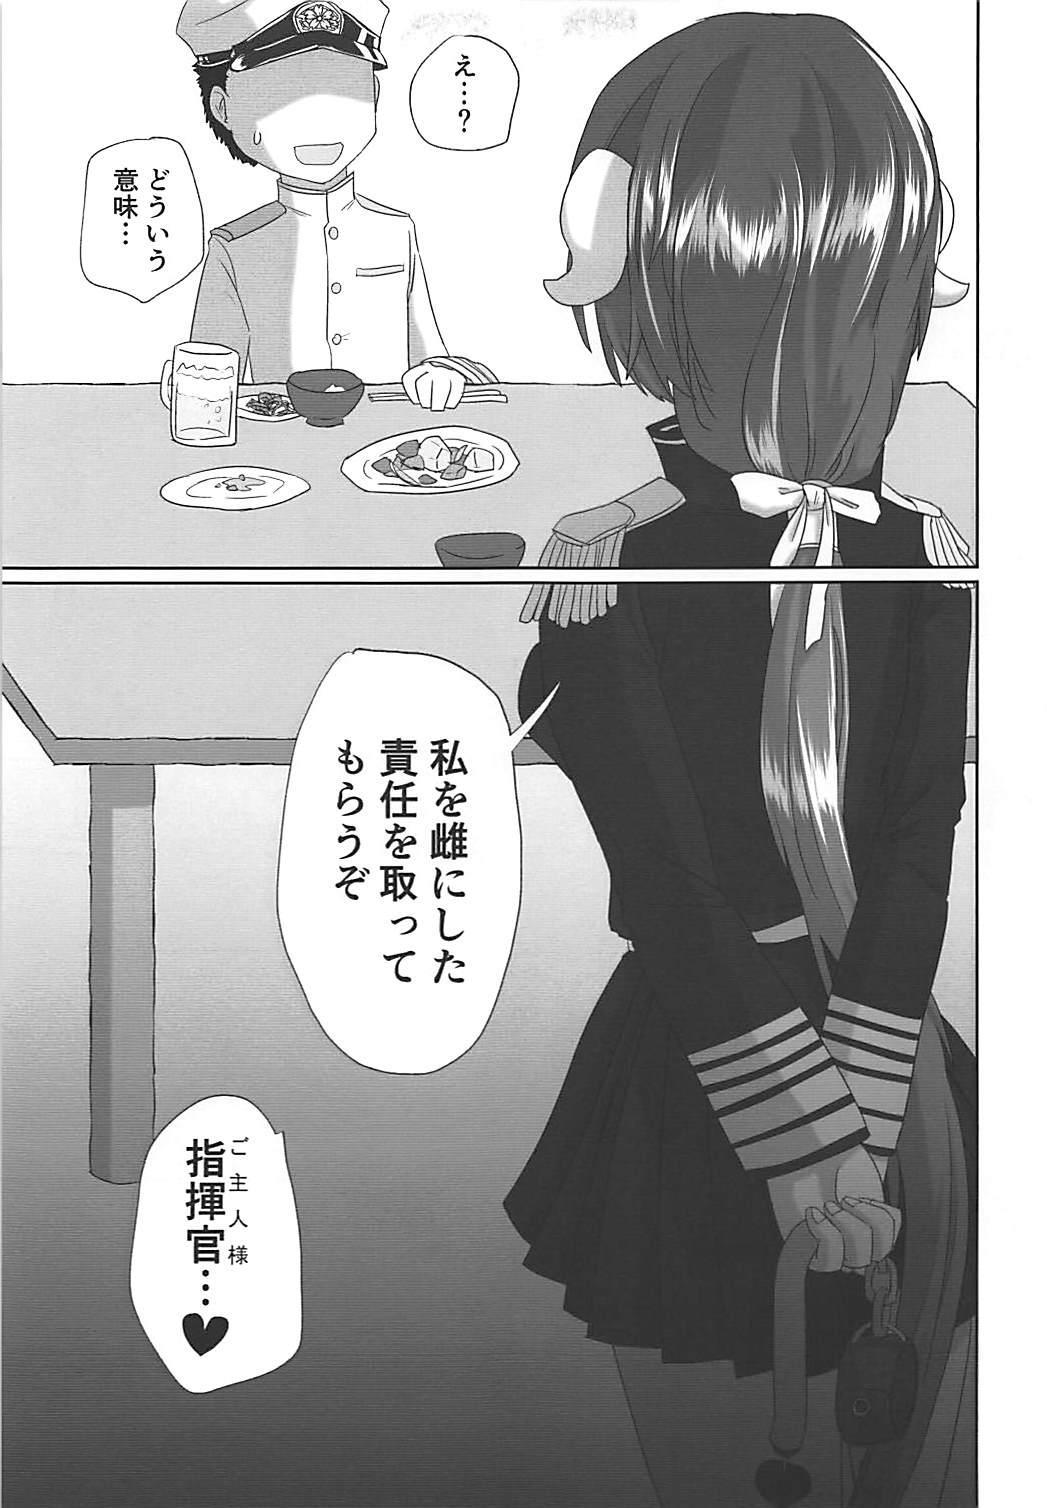 Mikasa-san to Chotto dake Kousoku Play toka Suru Hon 21